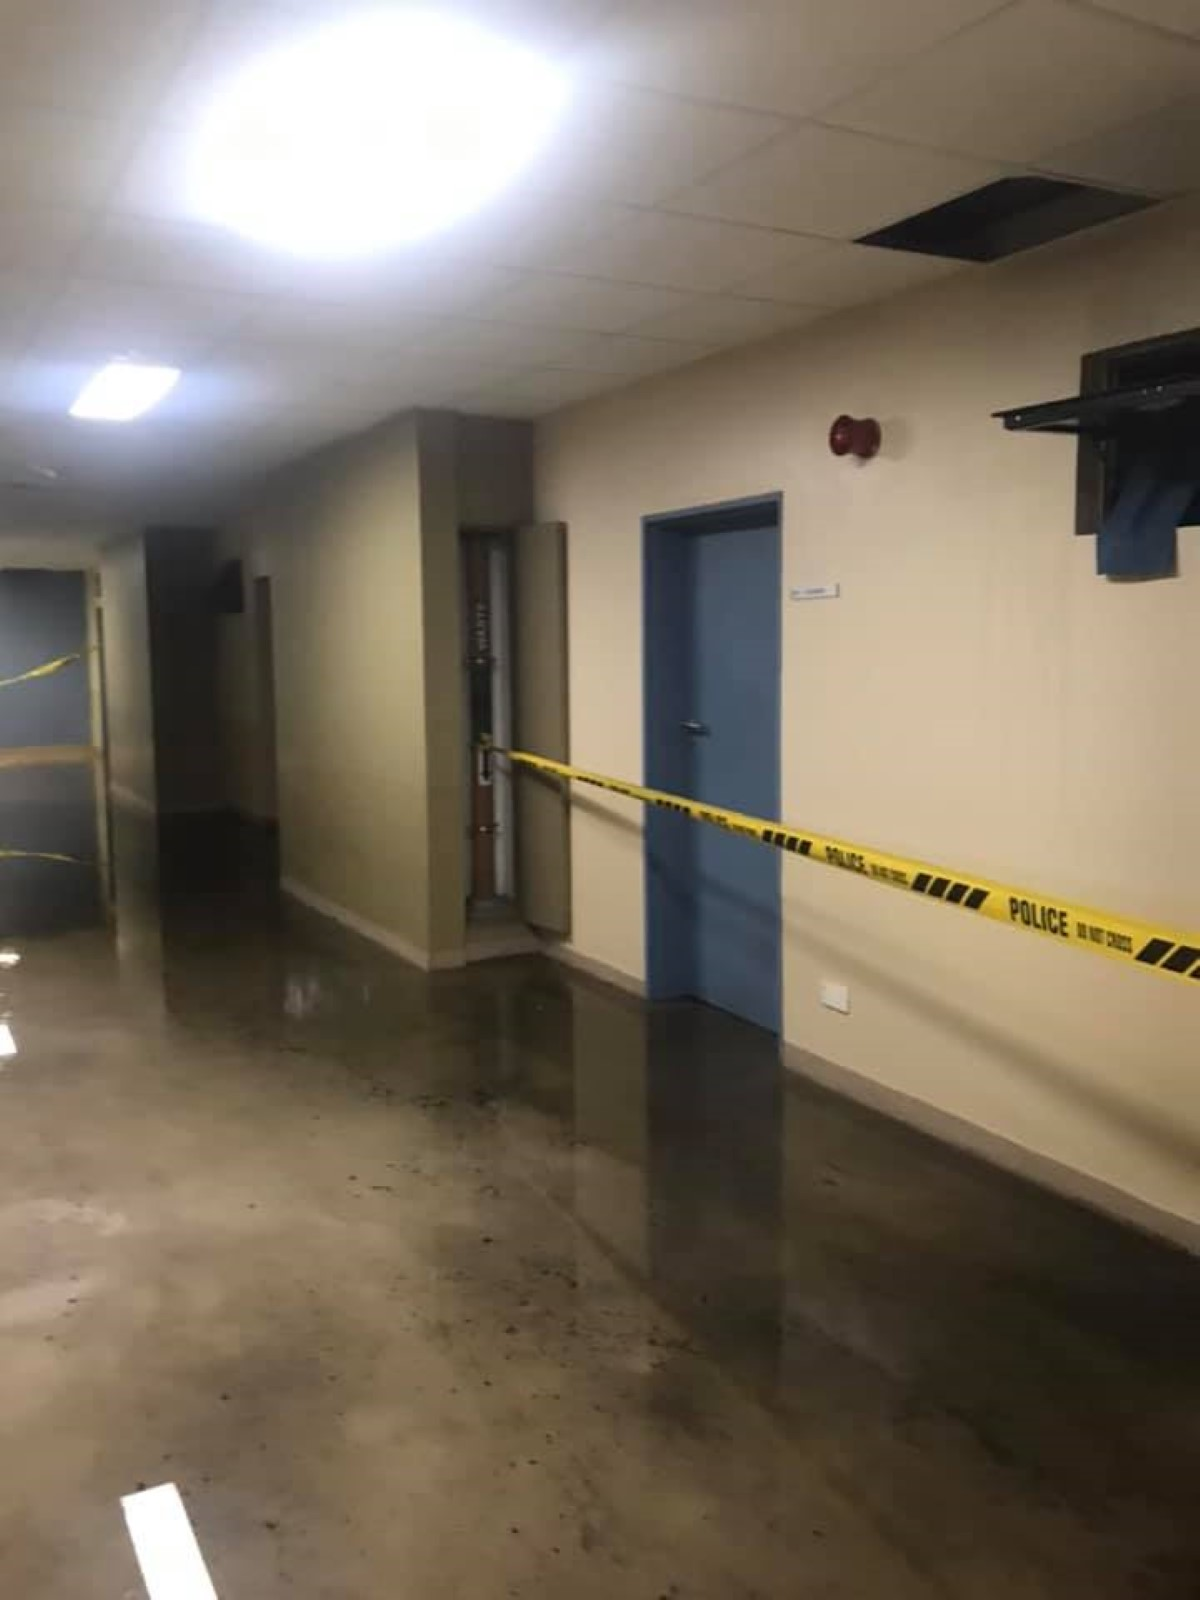 Hôpital Jeetoo : plan d'urgence en cas d'inondation, mais manque de bol c'est le feu